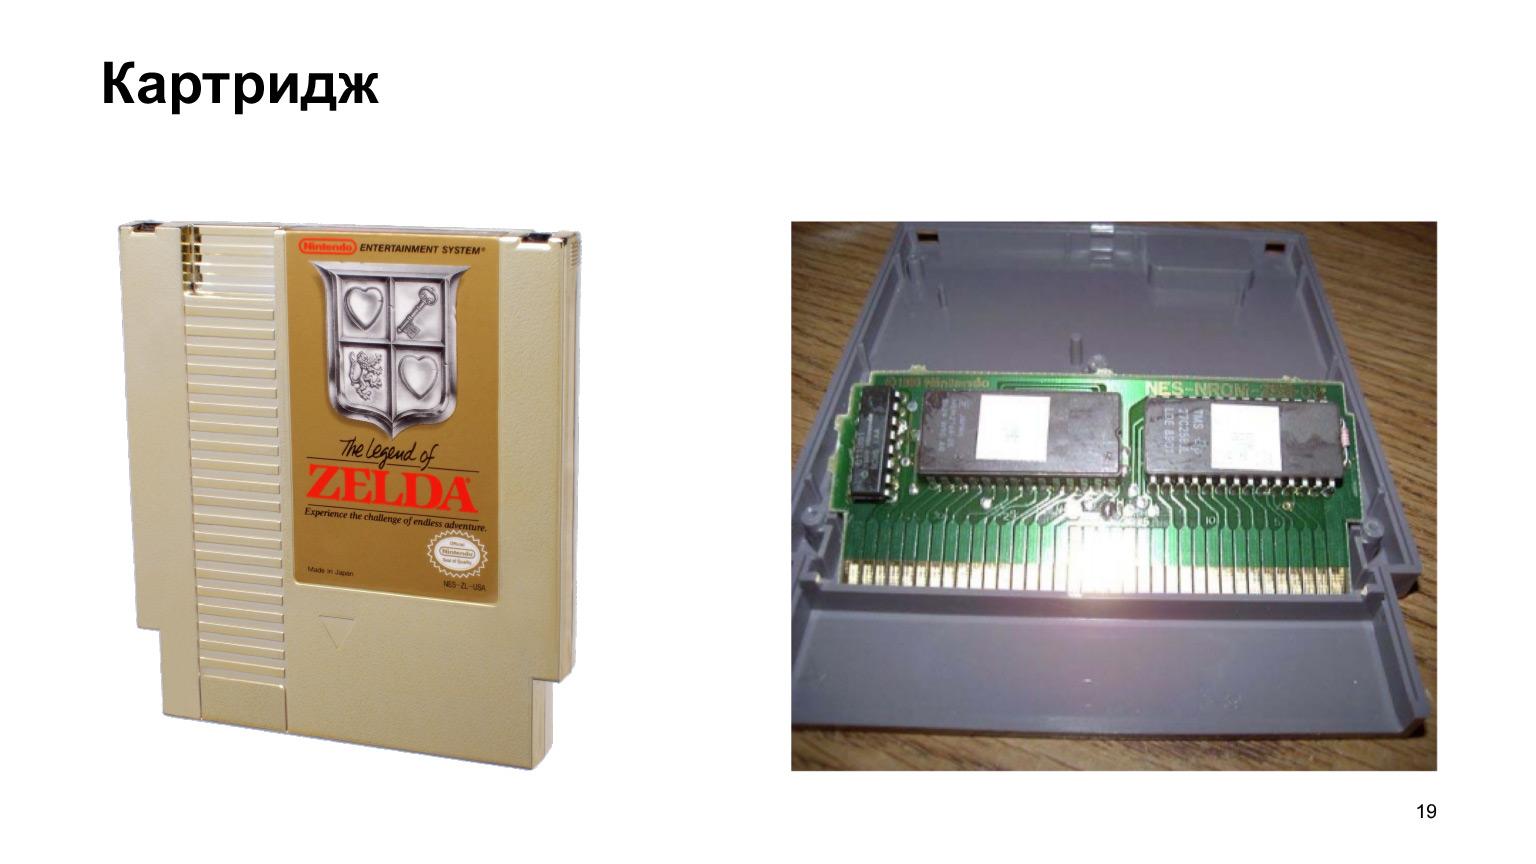 Эмуляция NES-Famicom-Денди на веб-технологиях. Доклад Яндекса - 14